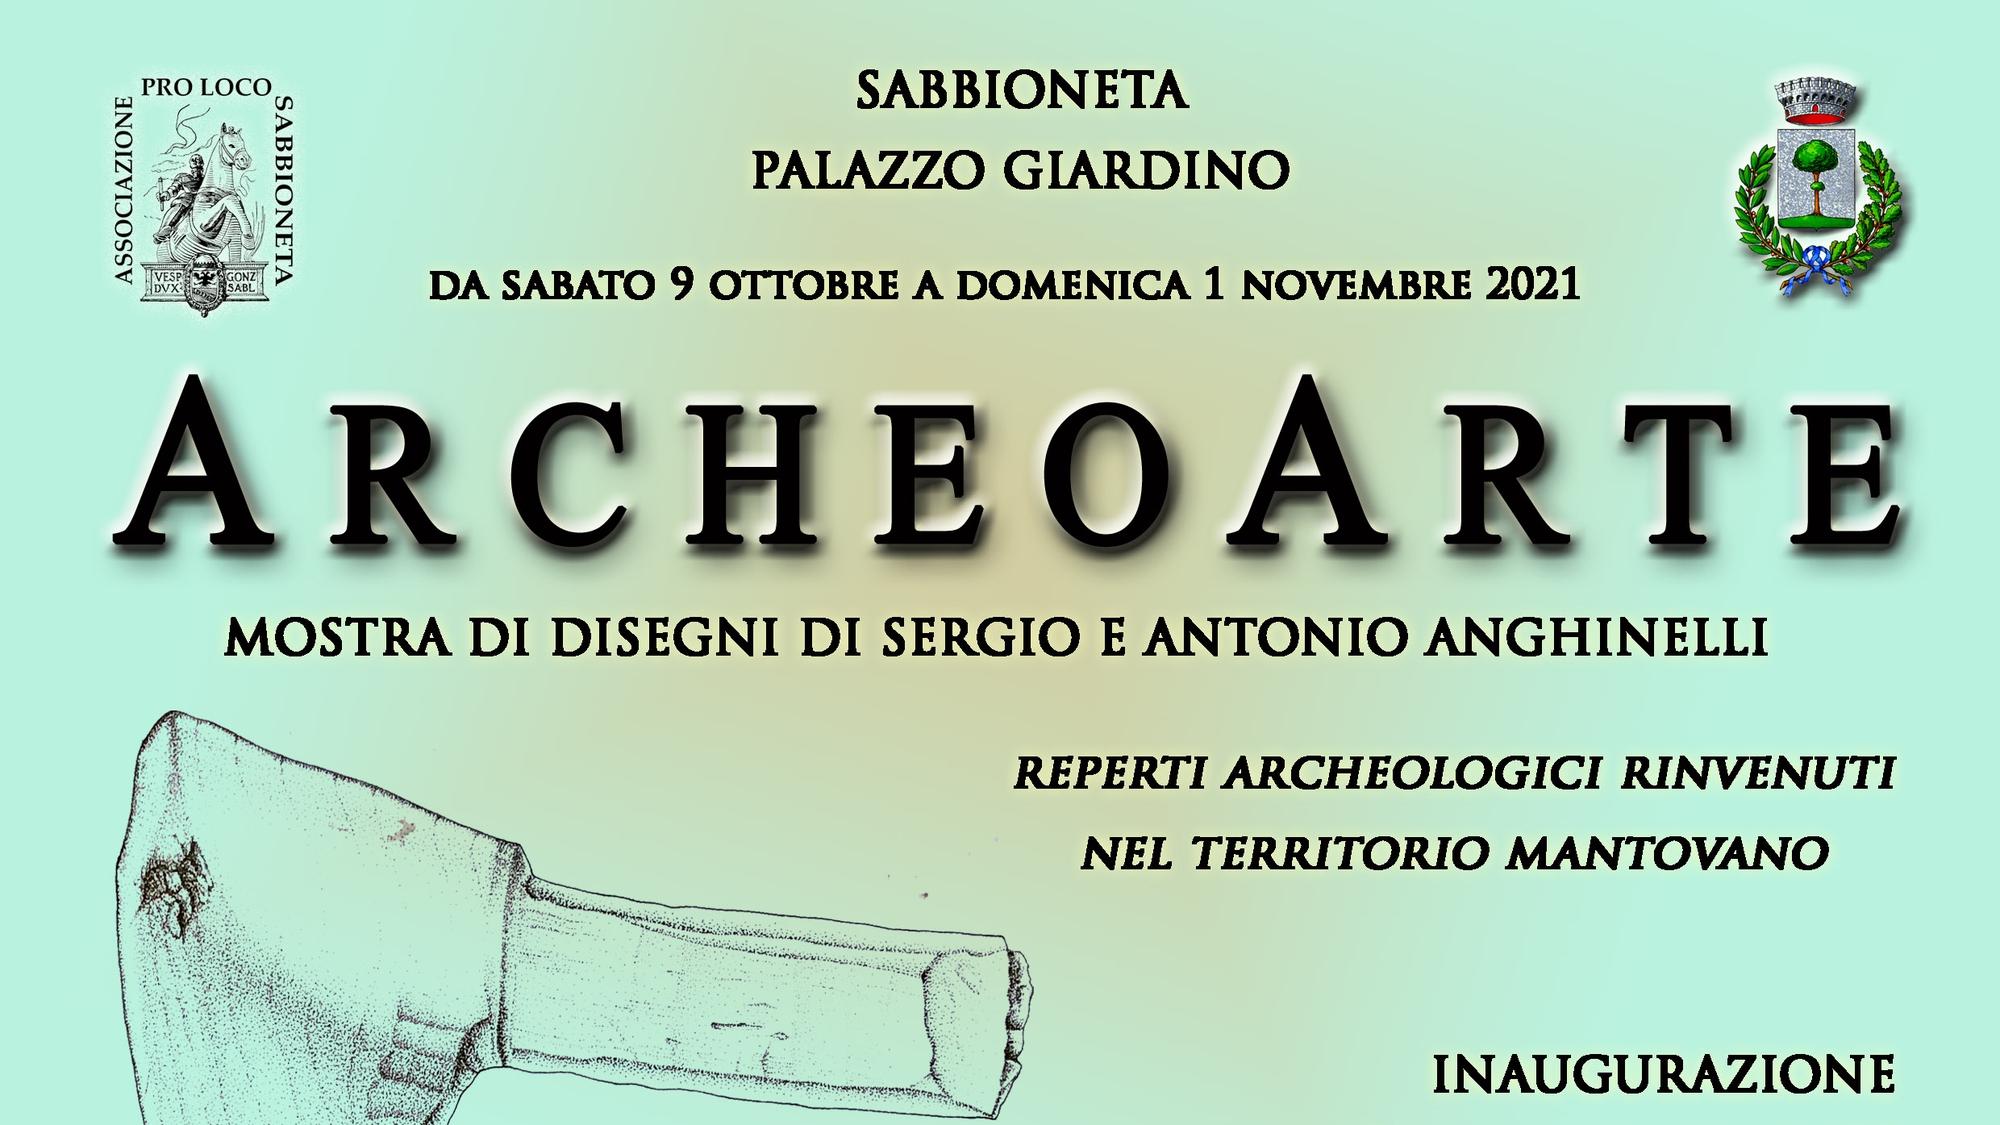 Locandina ArcheoArte_Sabbioneta_2021_.jpg